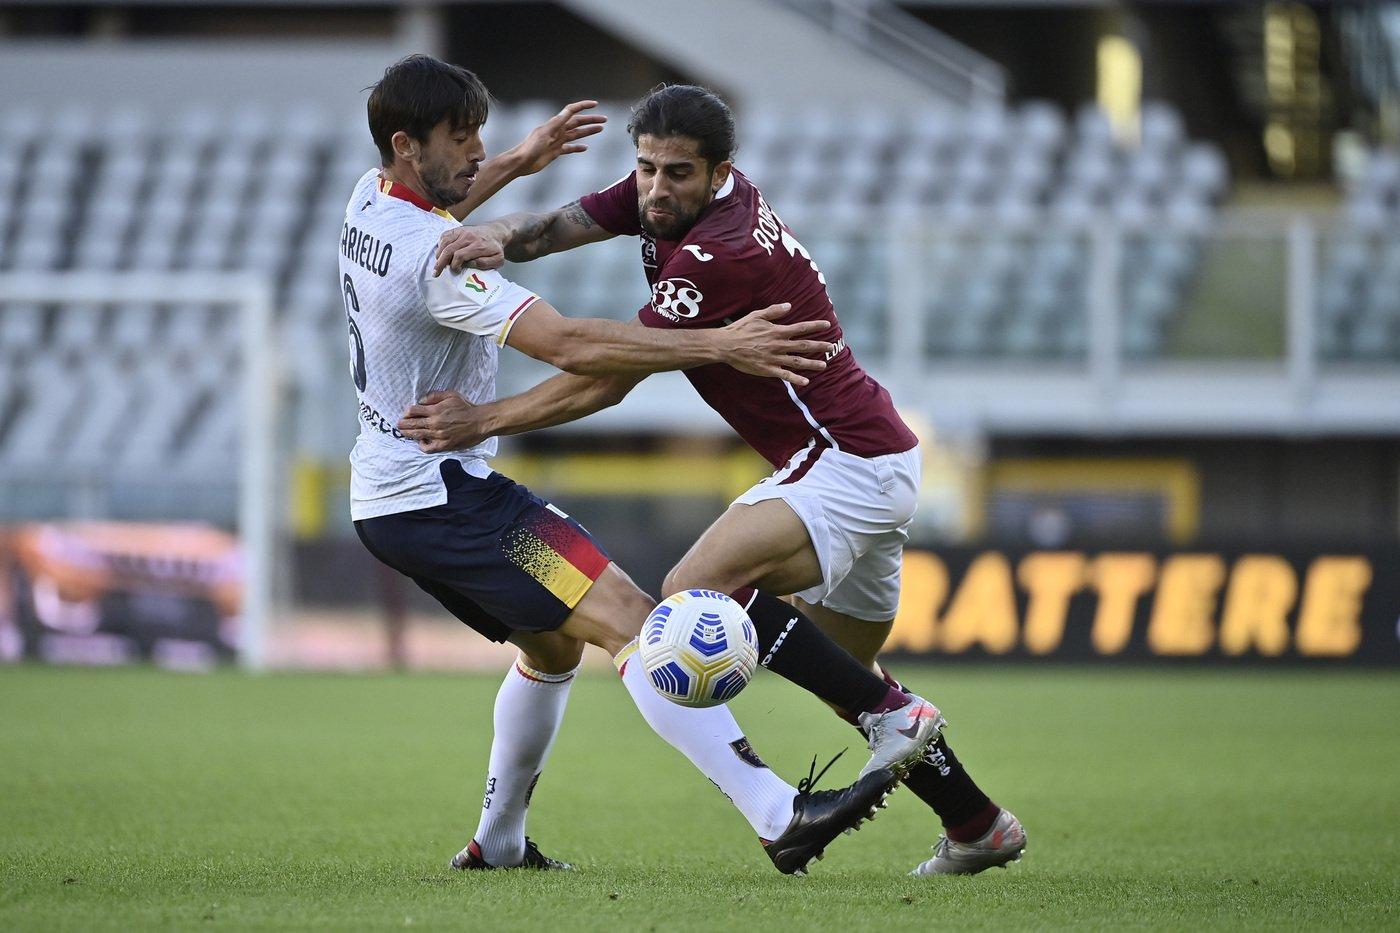 Problemi per il Torino: doppio infortunio per Giampaolo